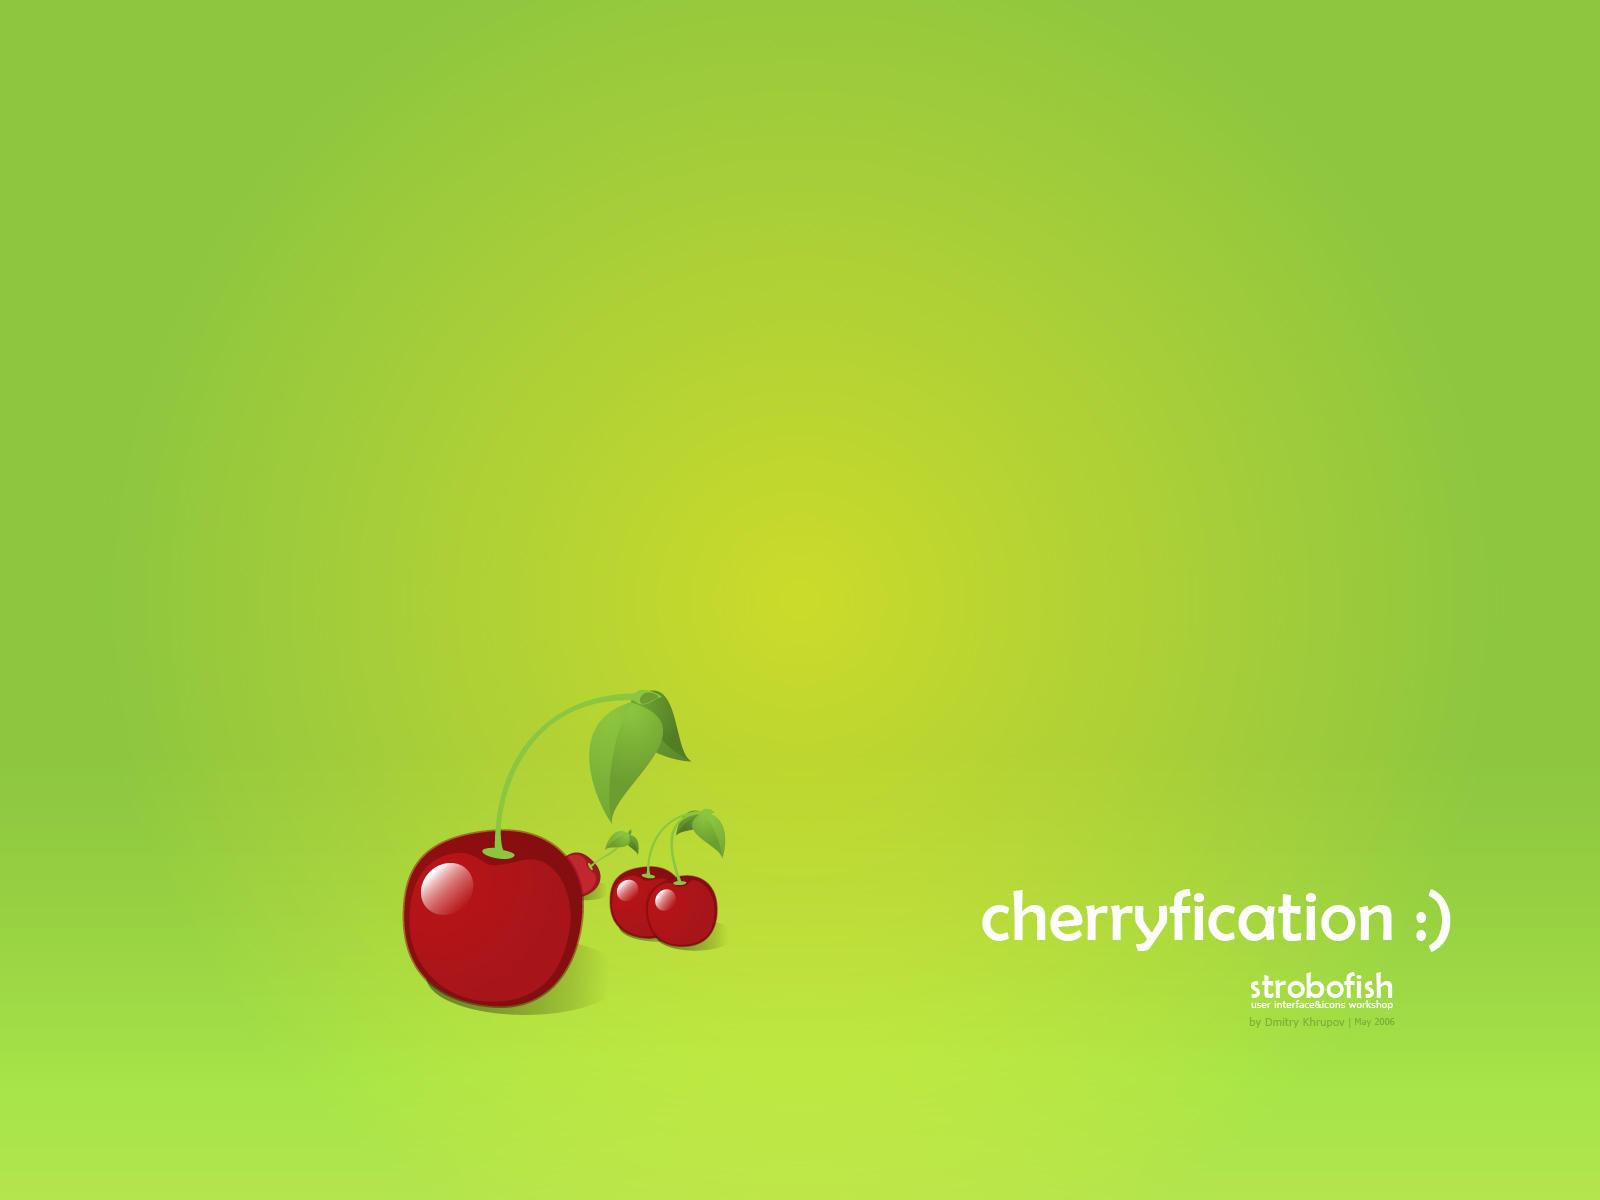 Cherryfication by khrupov